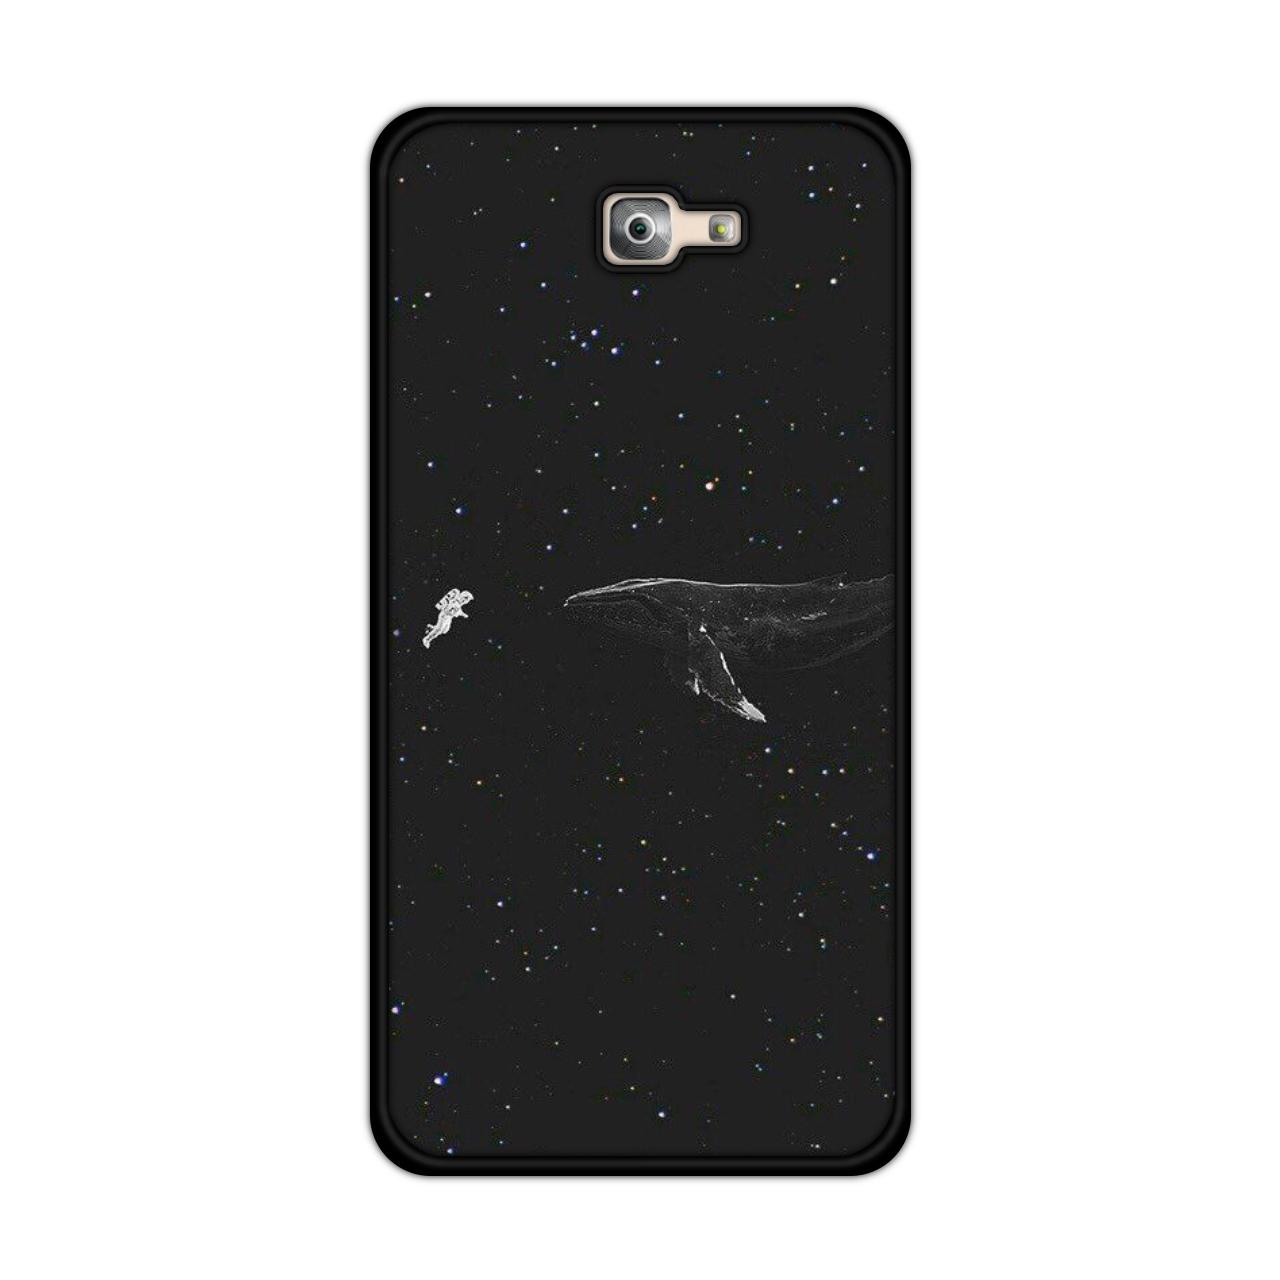 کاور آکام مدل AJsevPri1537 مناسب برای گوشی موبایل سامسونگ Galaxy J7 Prime